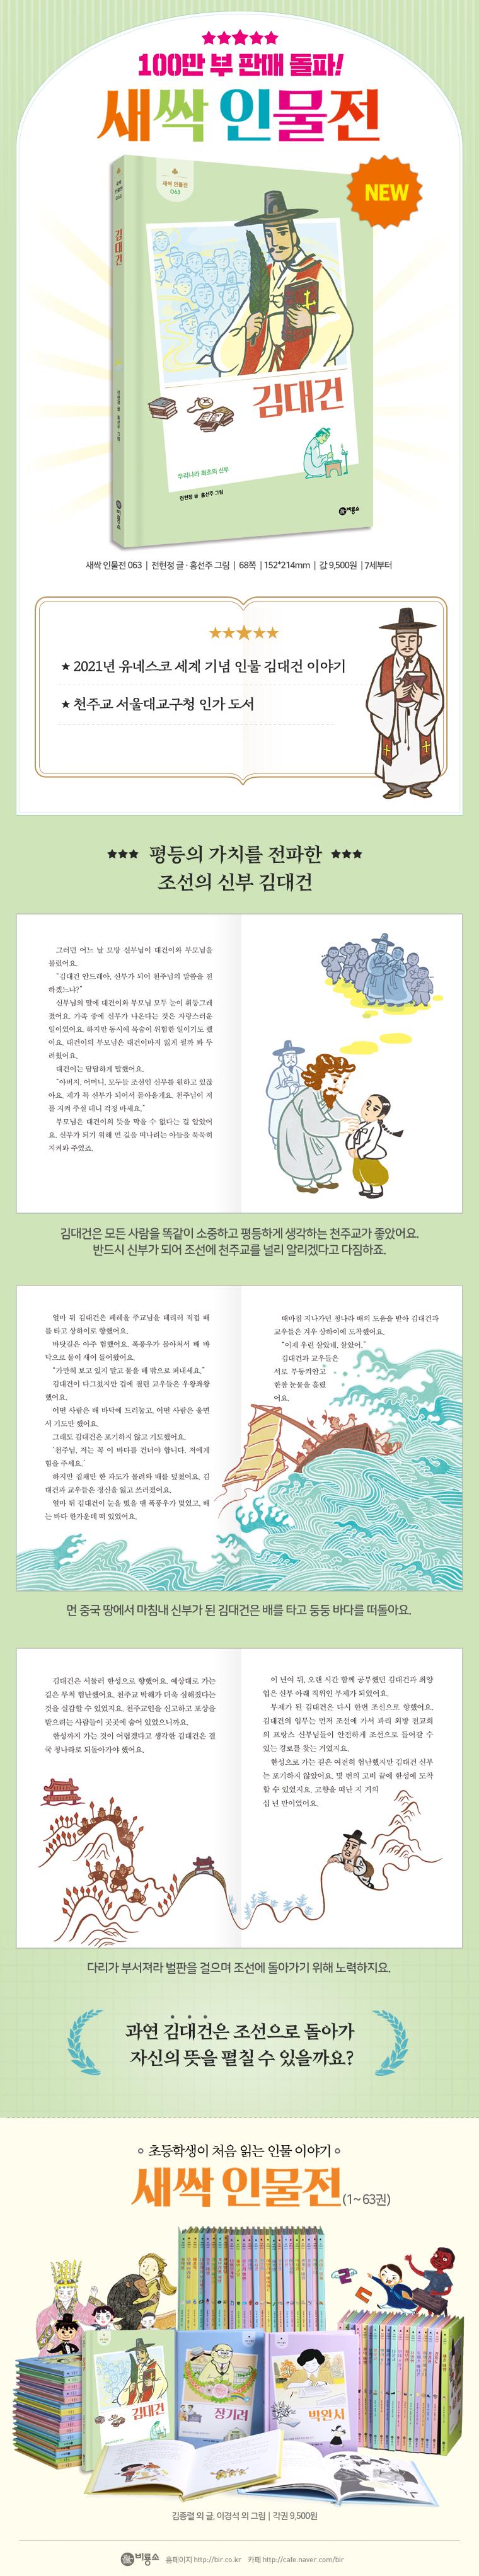 웹페이지_새싹인물전63_김대건